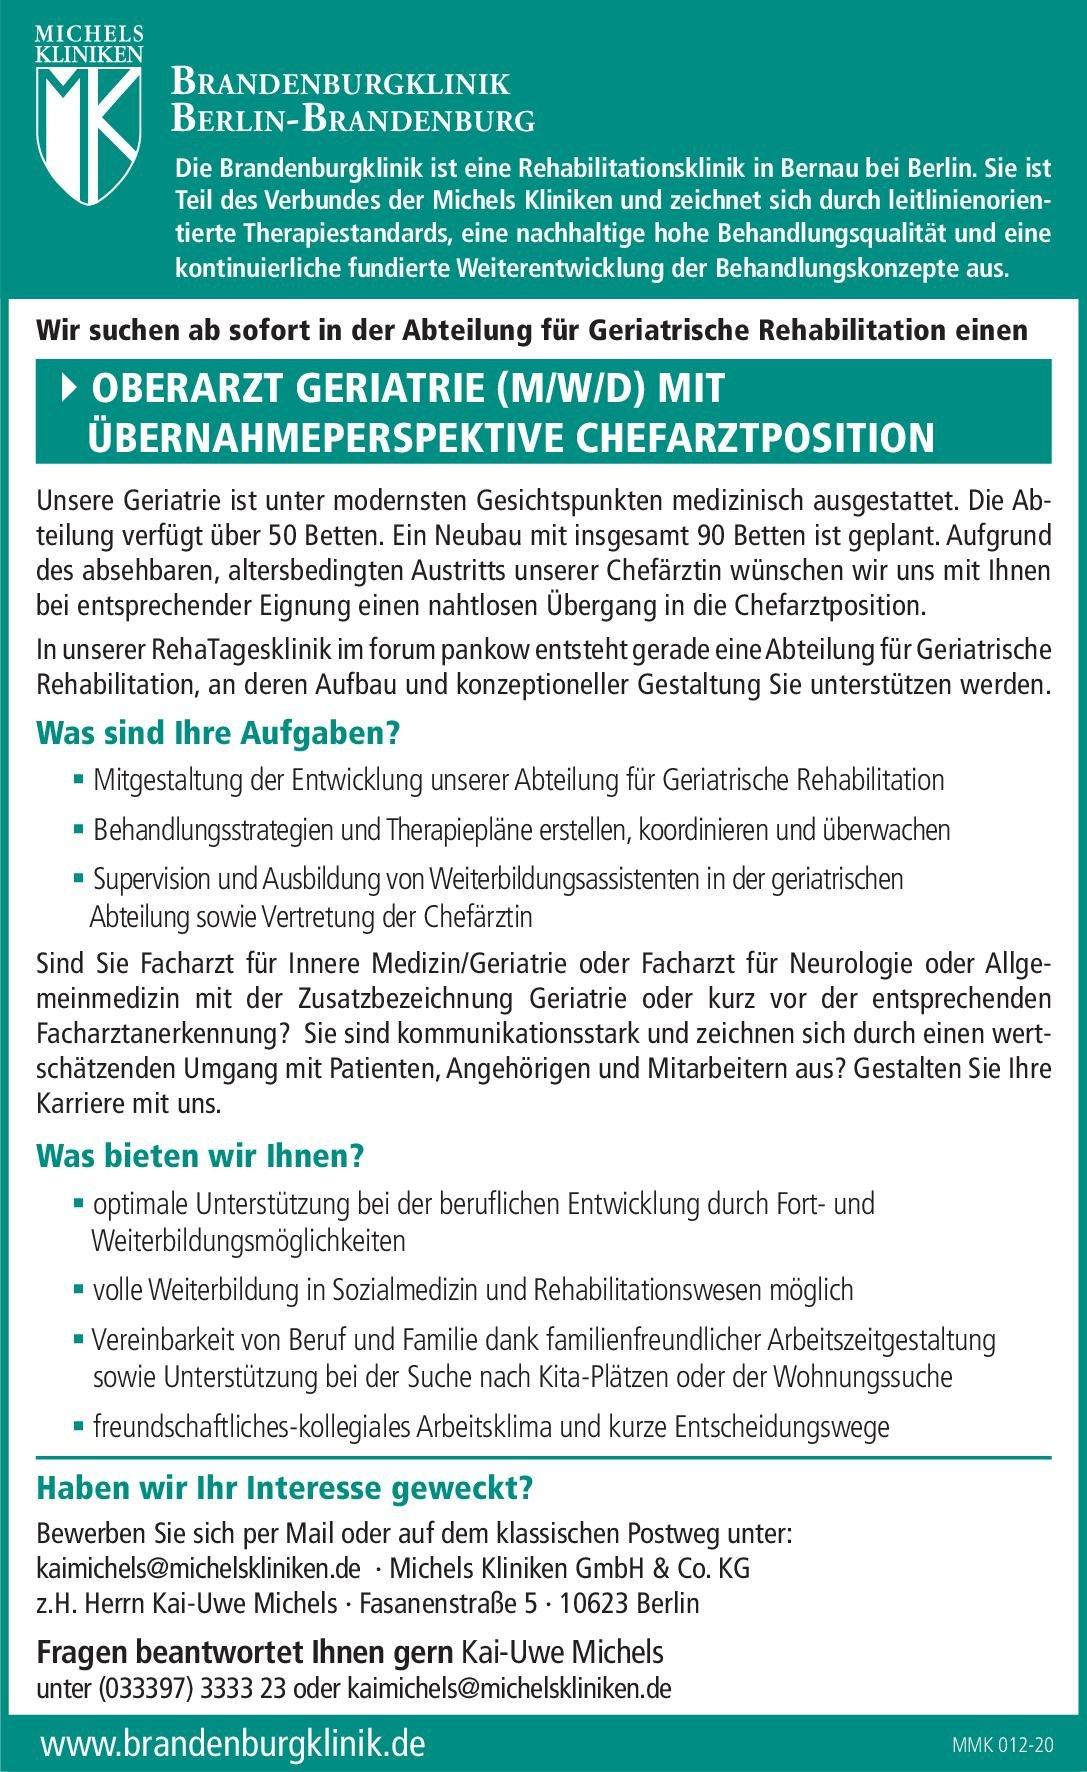 Michels Kliniken GmbH & Co. KG Oberarzt Geriatrie (m/w/d) mit Übernahmeperspektive Chefarztposition Geriatrie Oberarzt